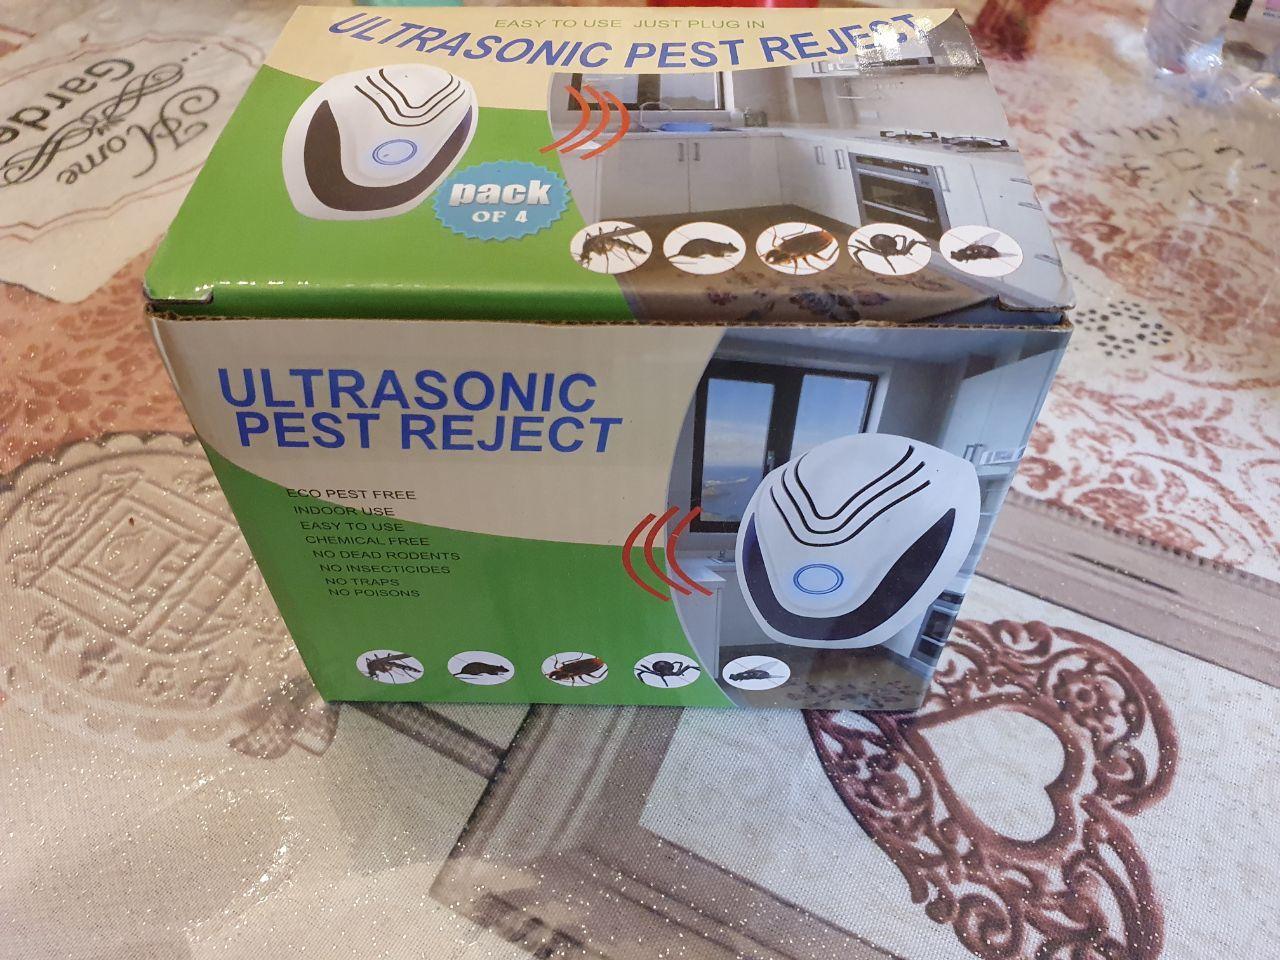 Ottimo Repellente per insetti.